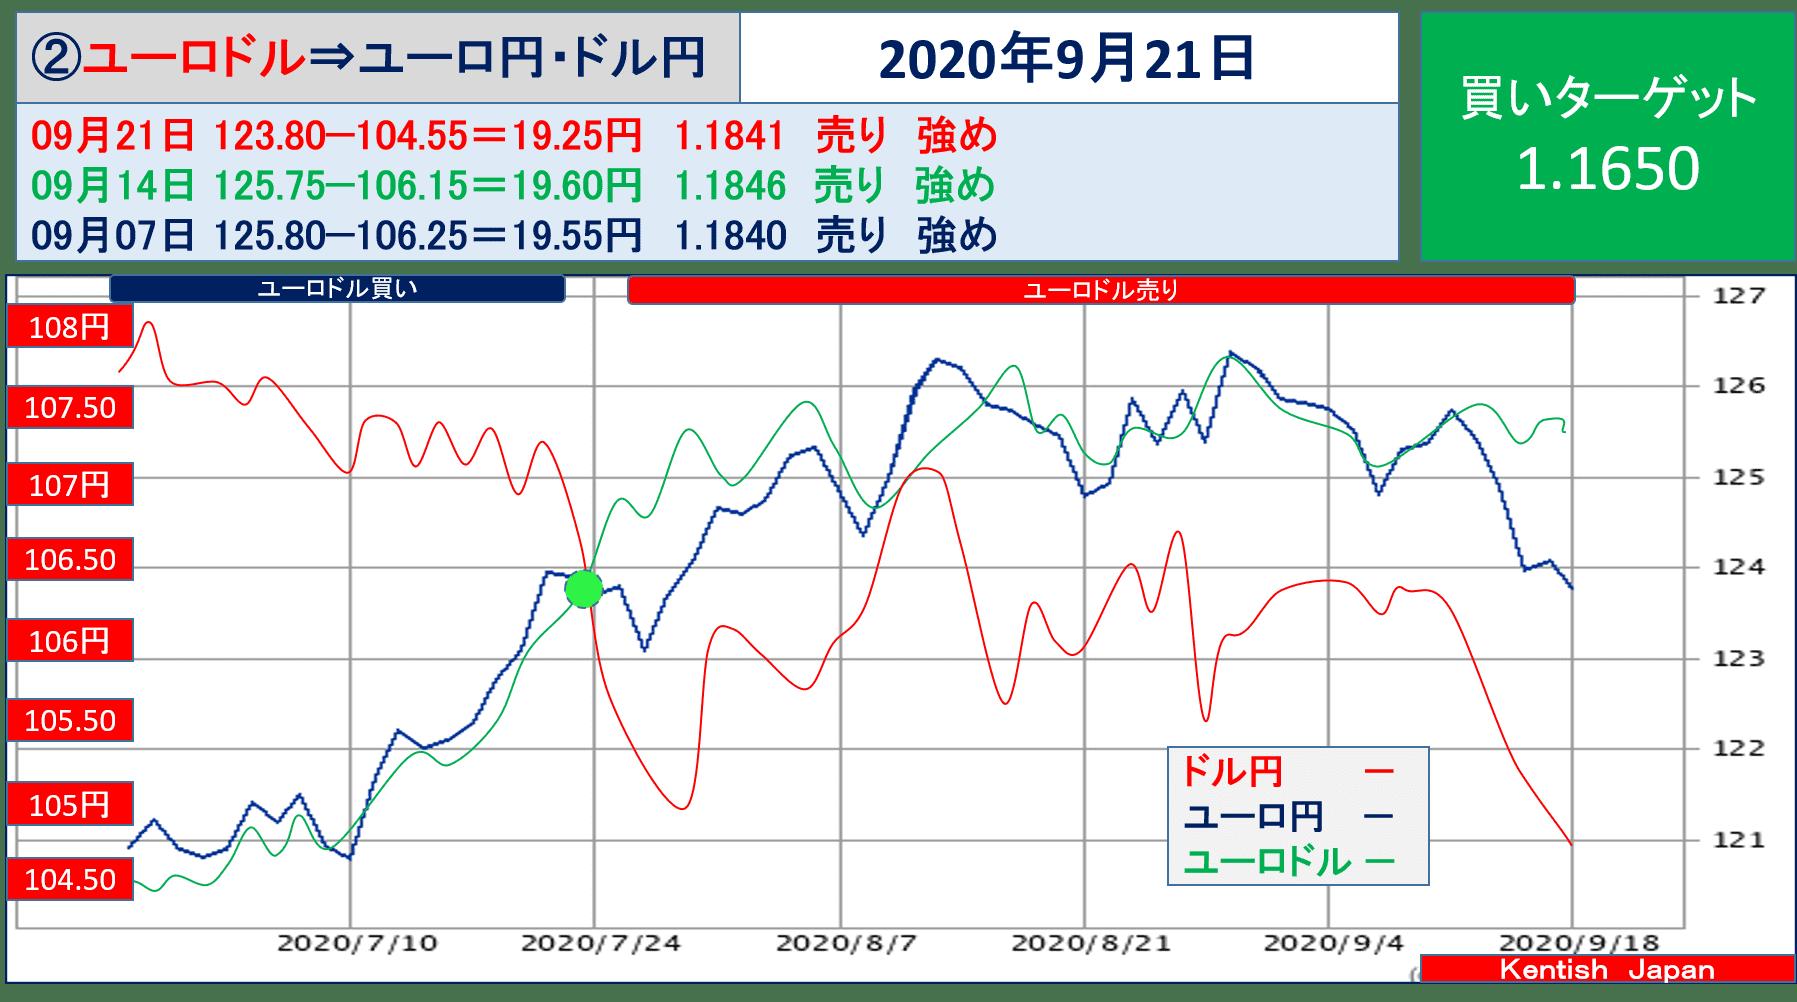 【2020年9月23日週】ユーロドル(ユーロ円-ドル円)